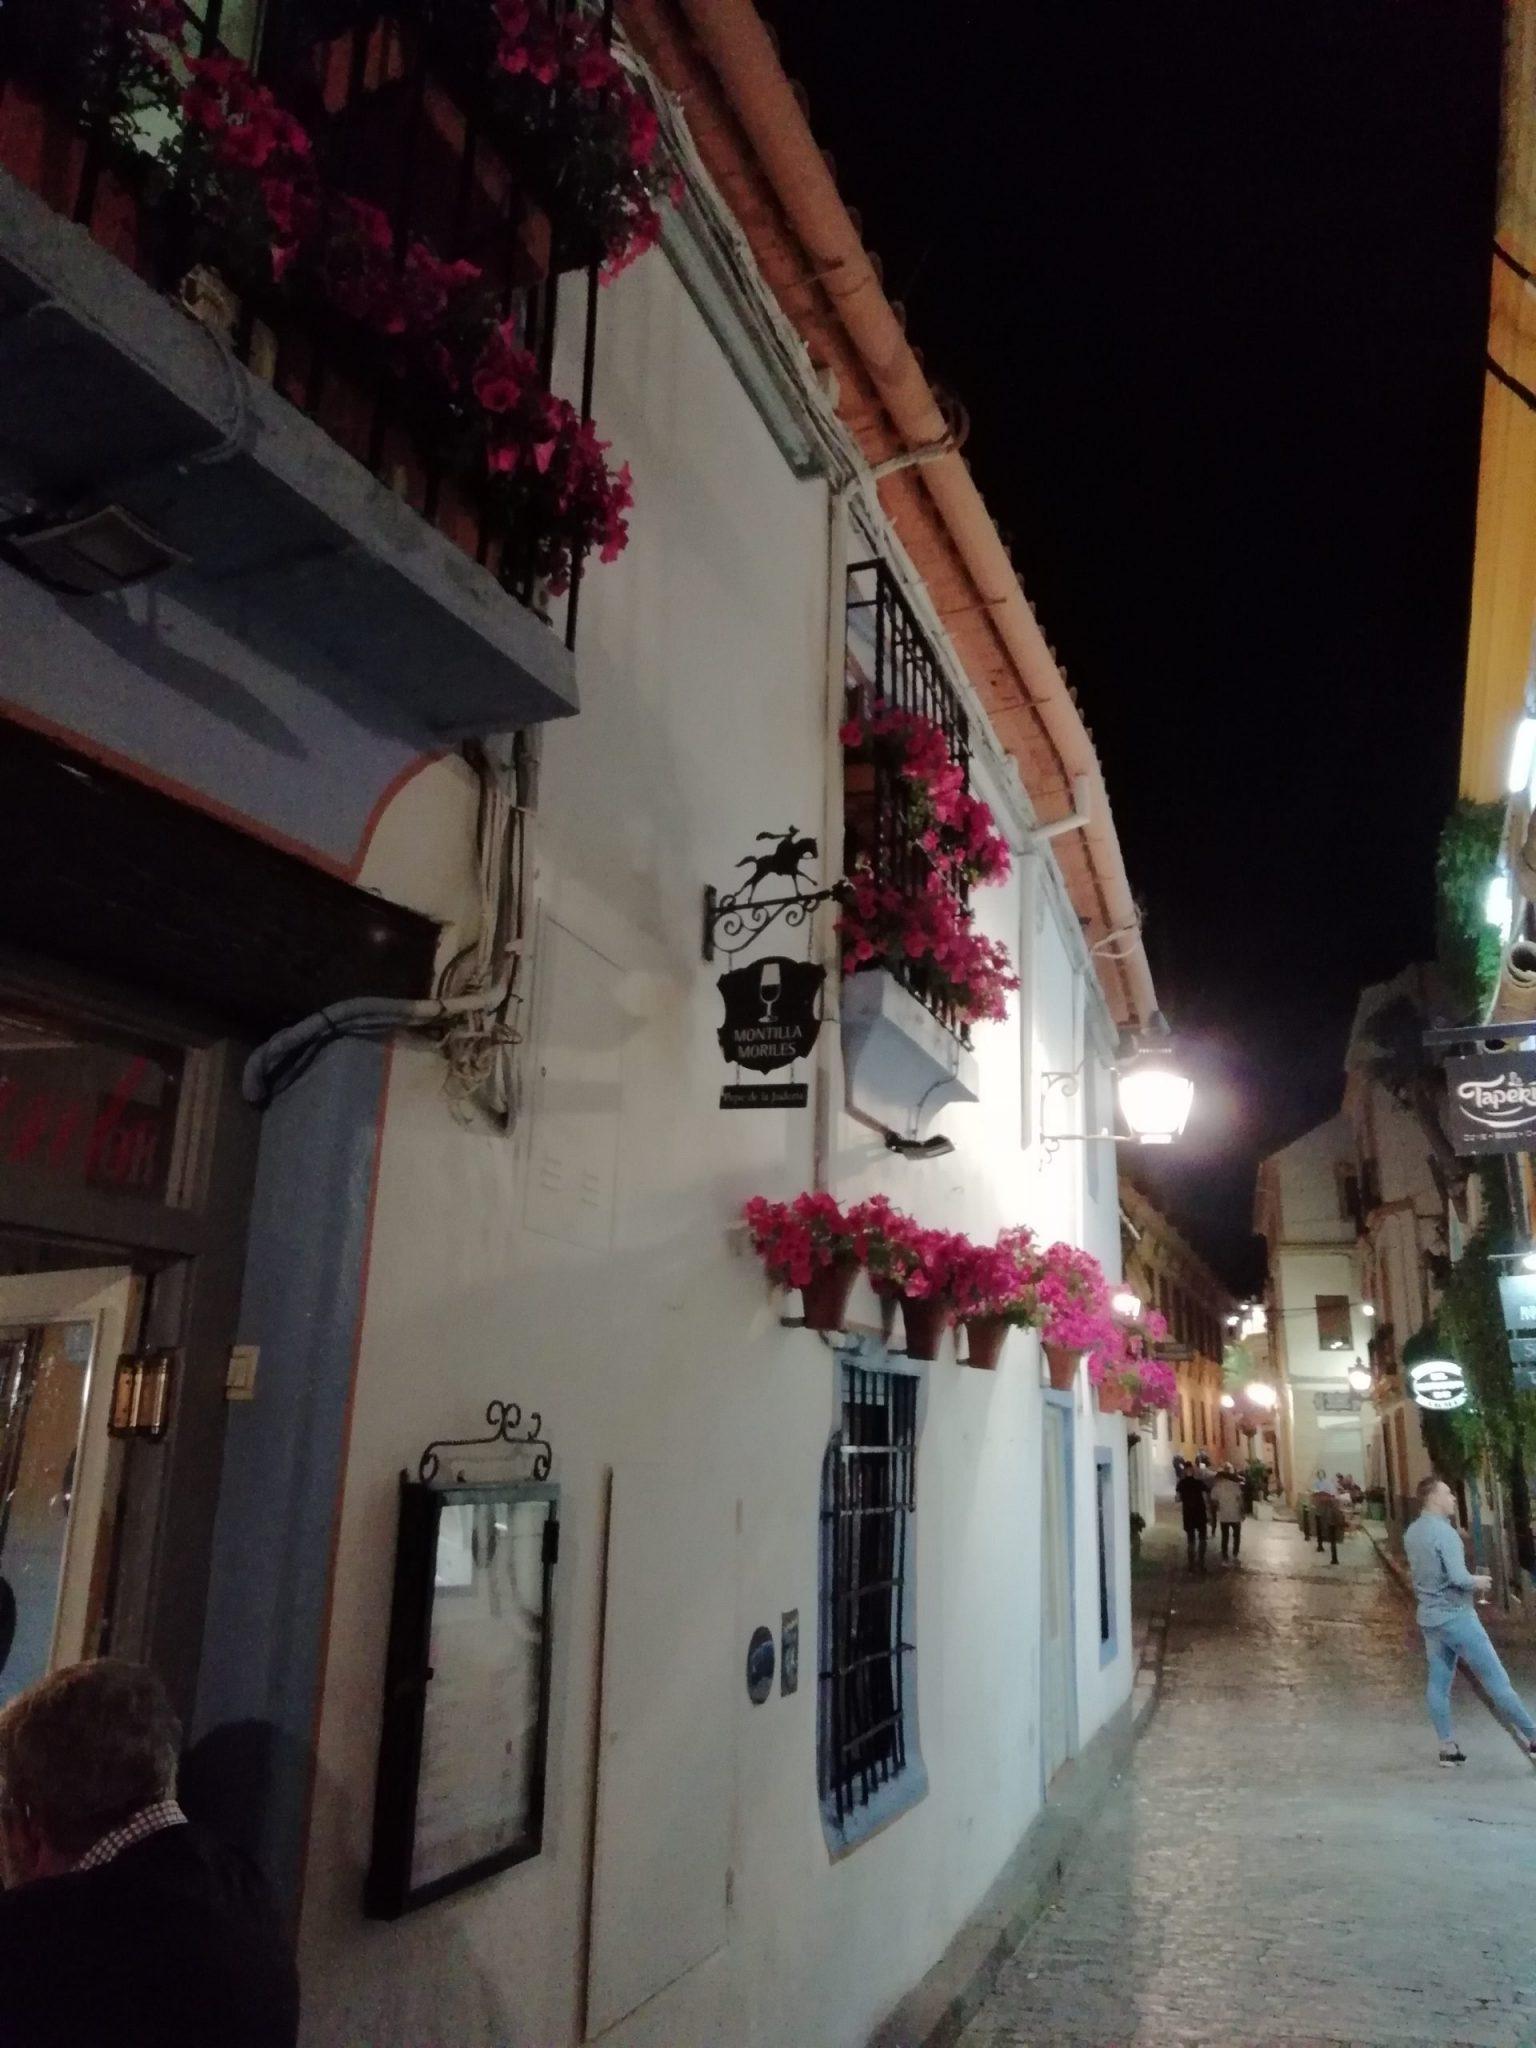 Calleja con flores Córdoba España.